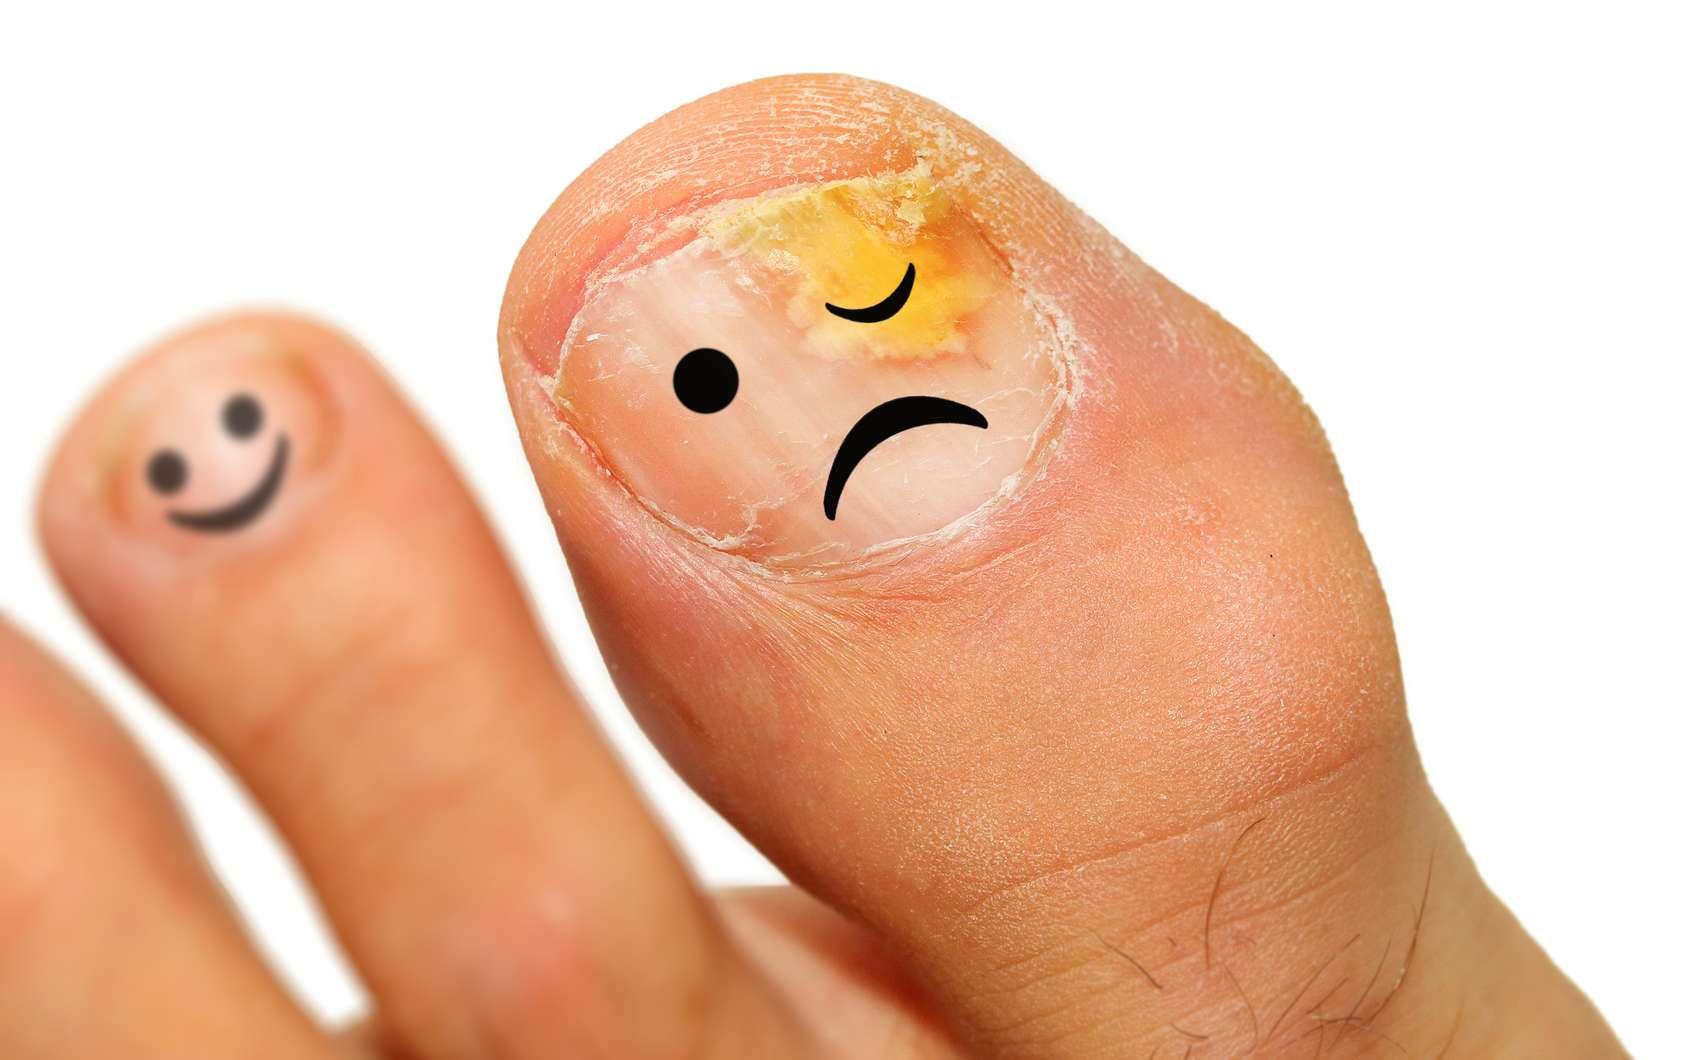 L'onychomycose est une mycose de l'ongle qui touche le plus souvent les pieds. © Kletr, Fotolia